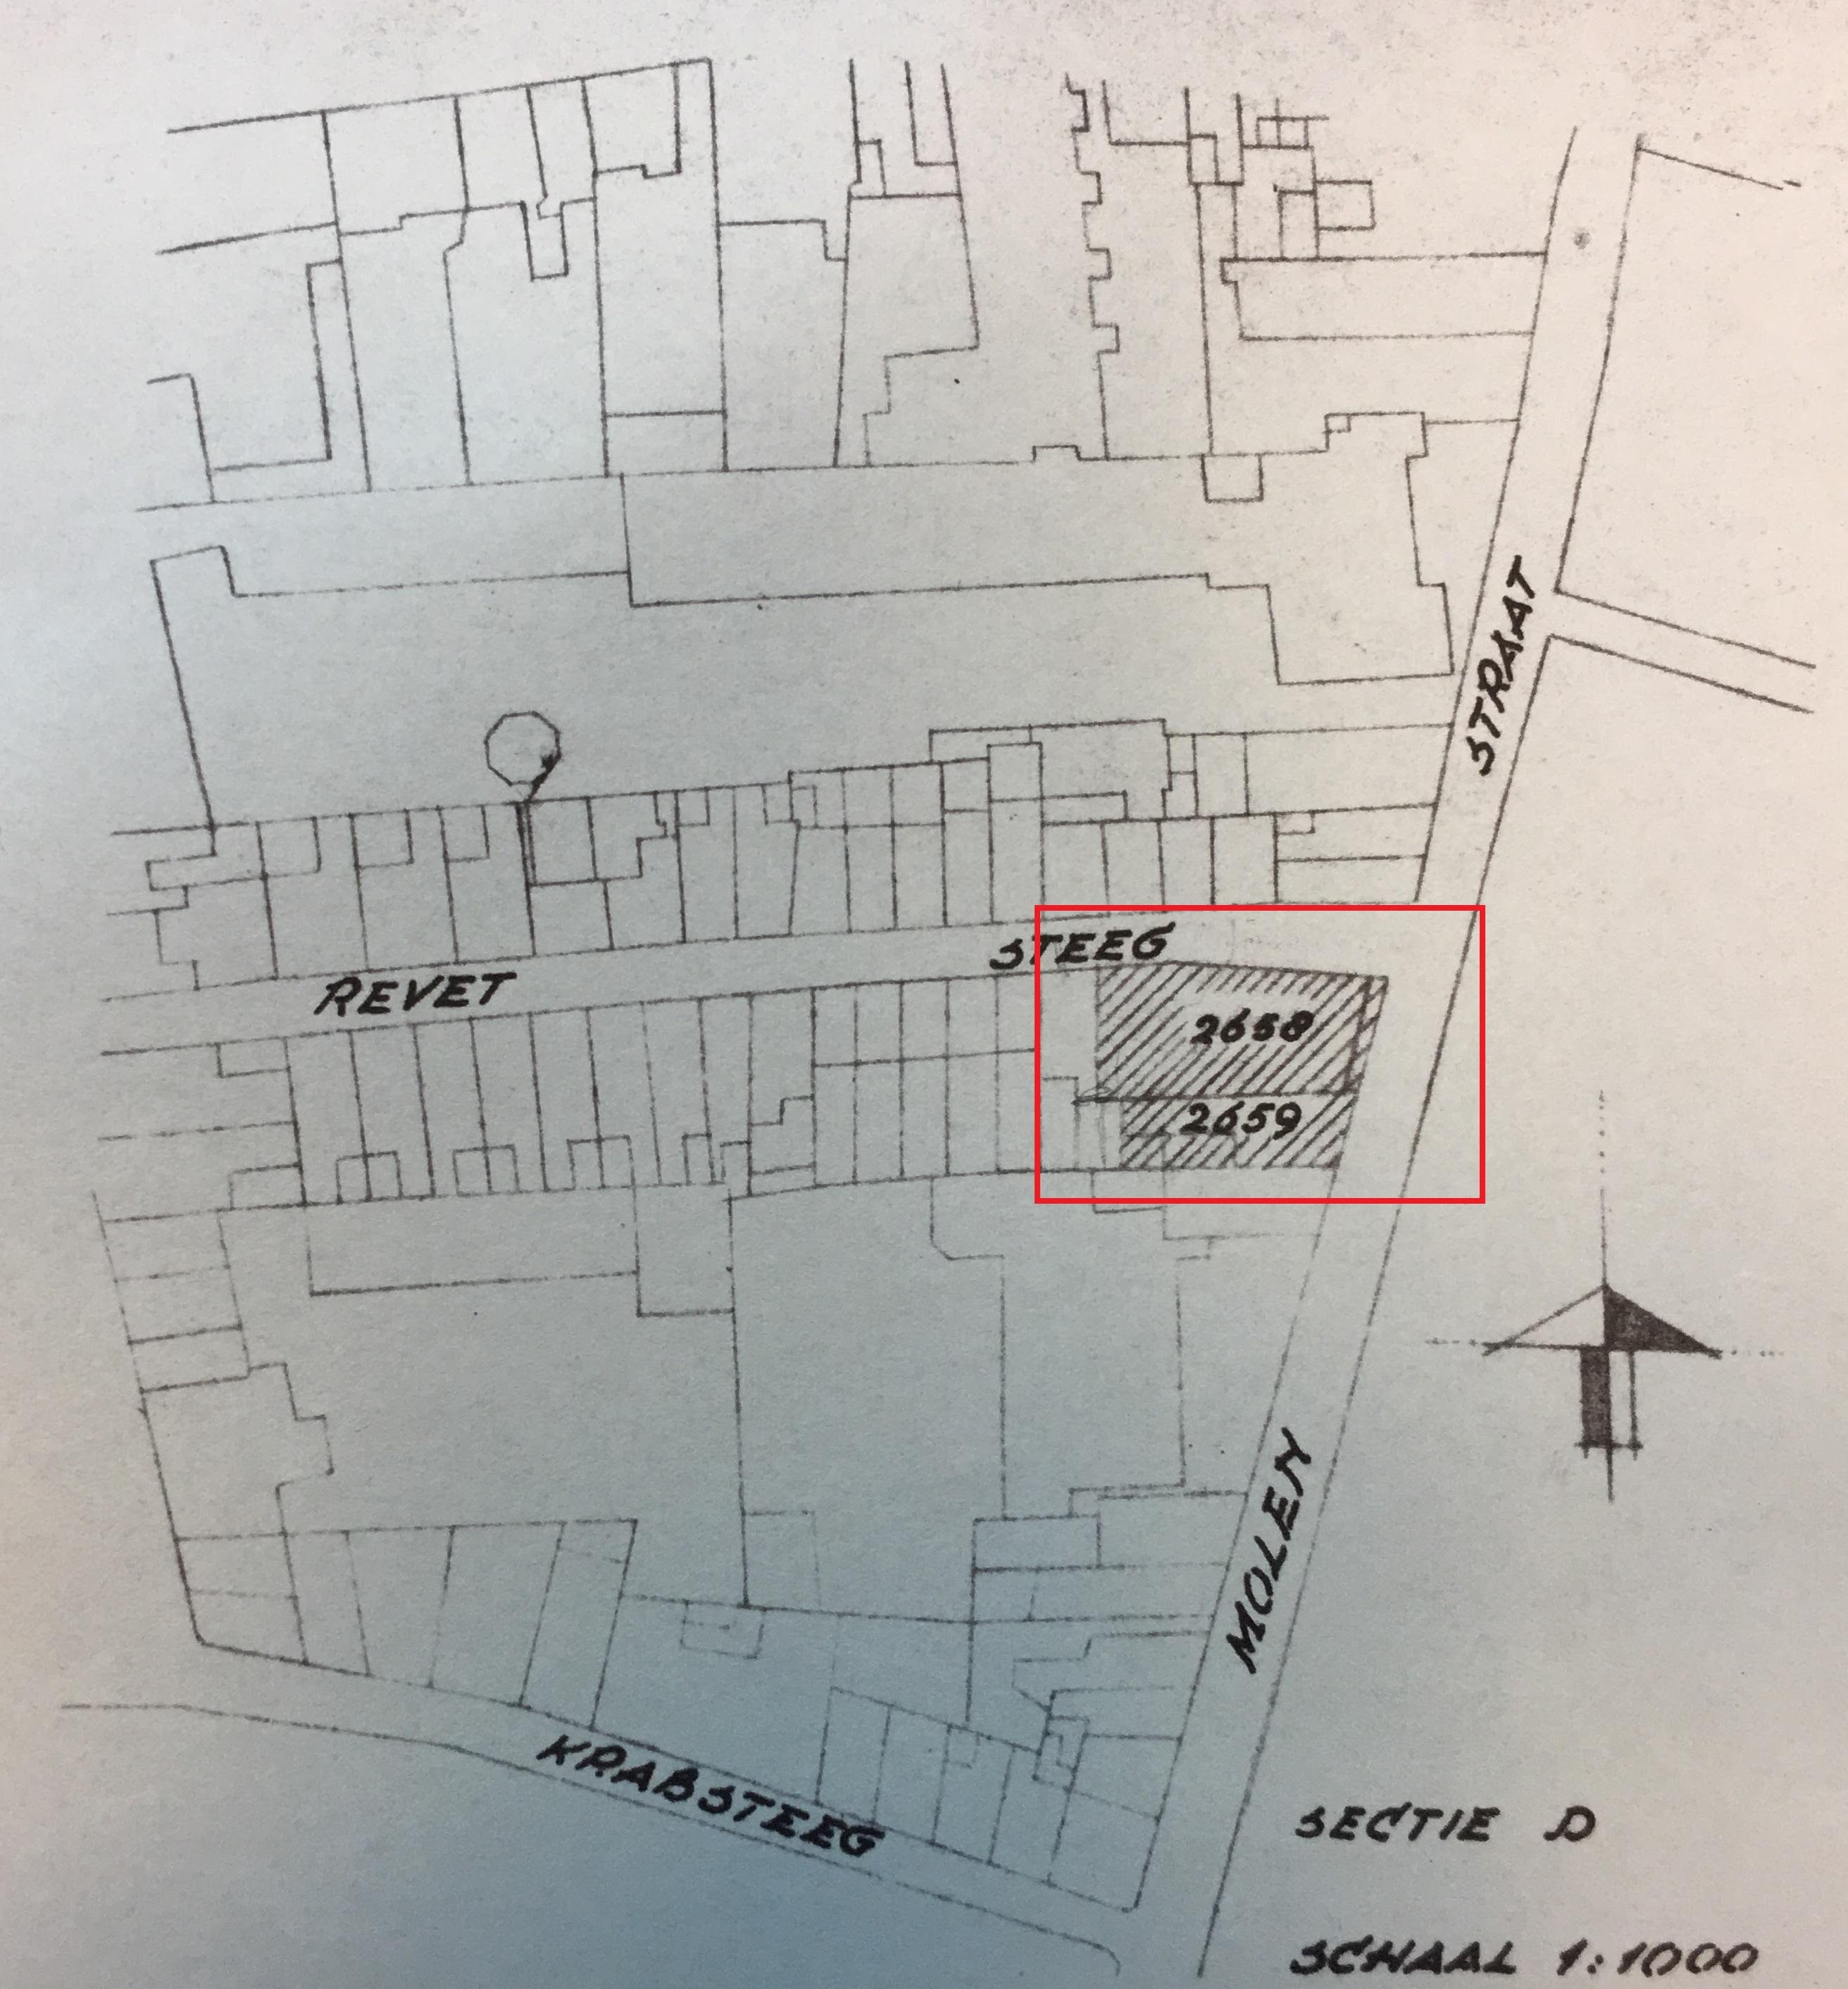 Kaart met locatie militaire bakkerij.jpg